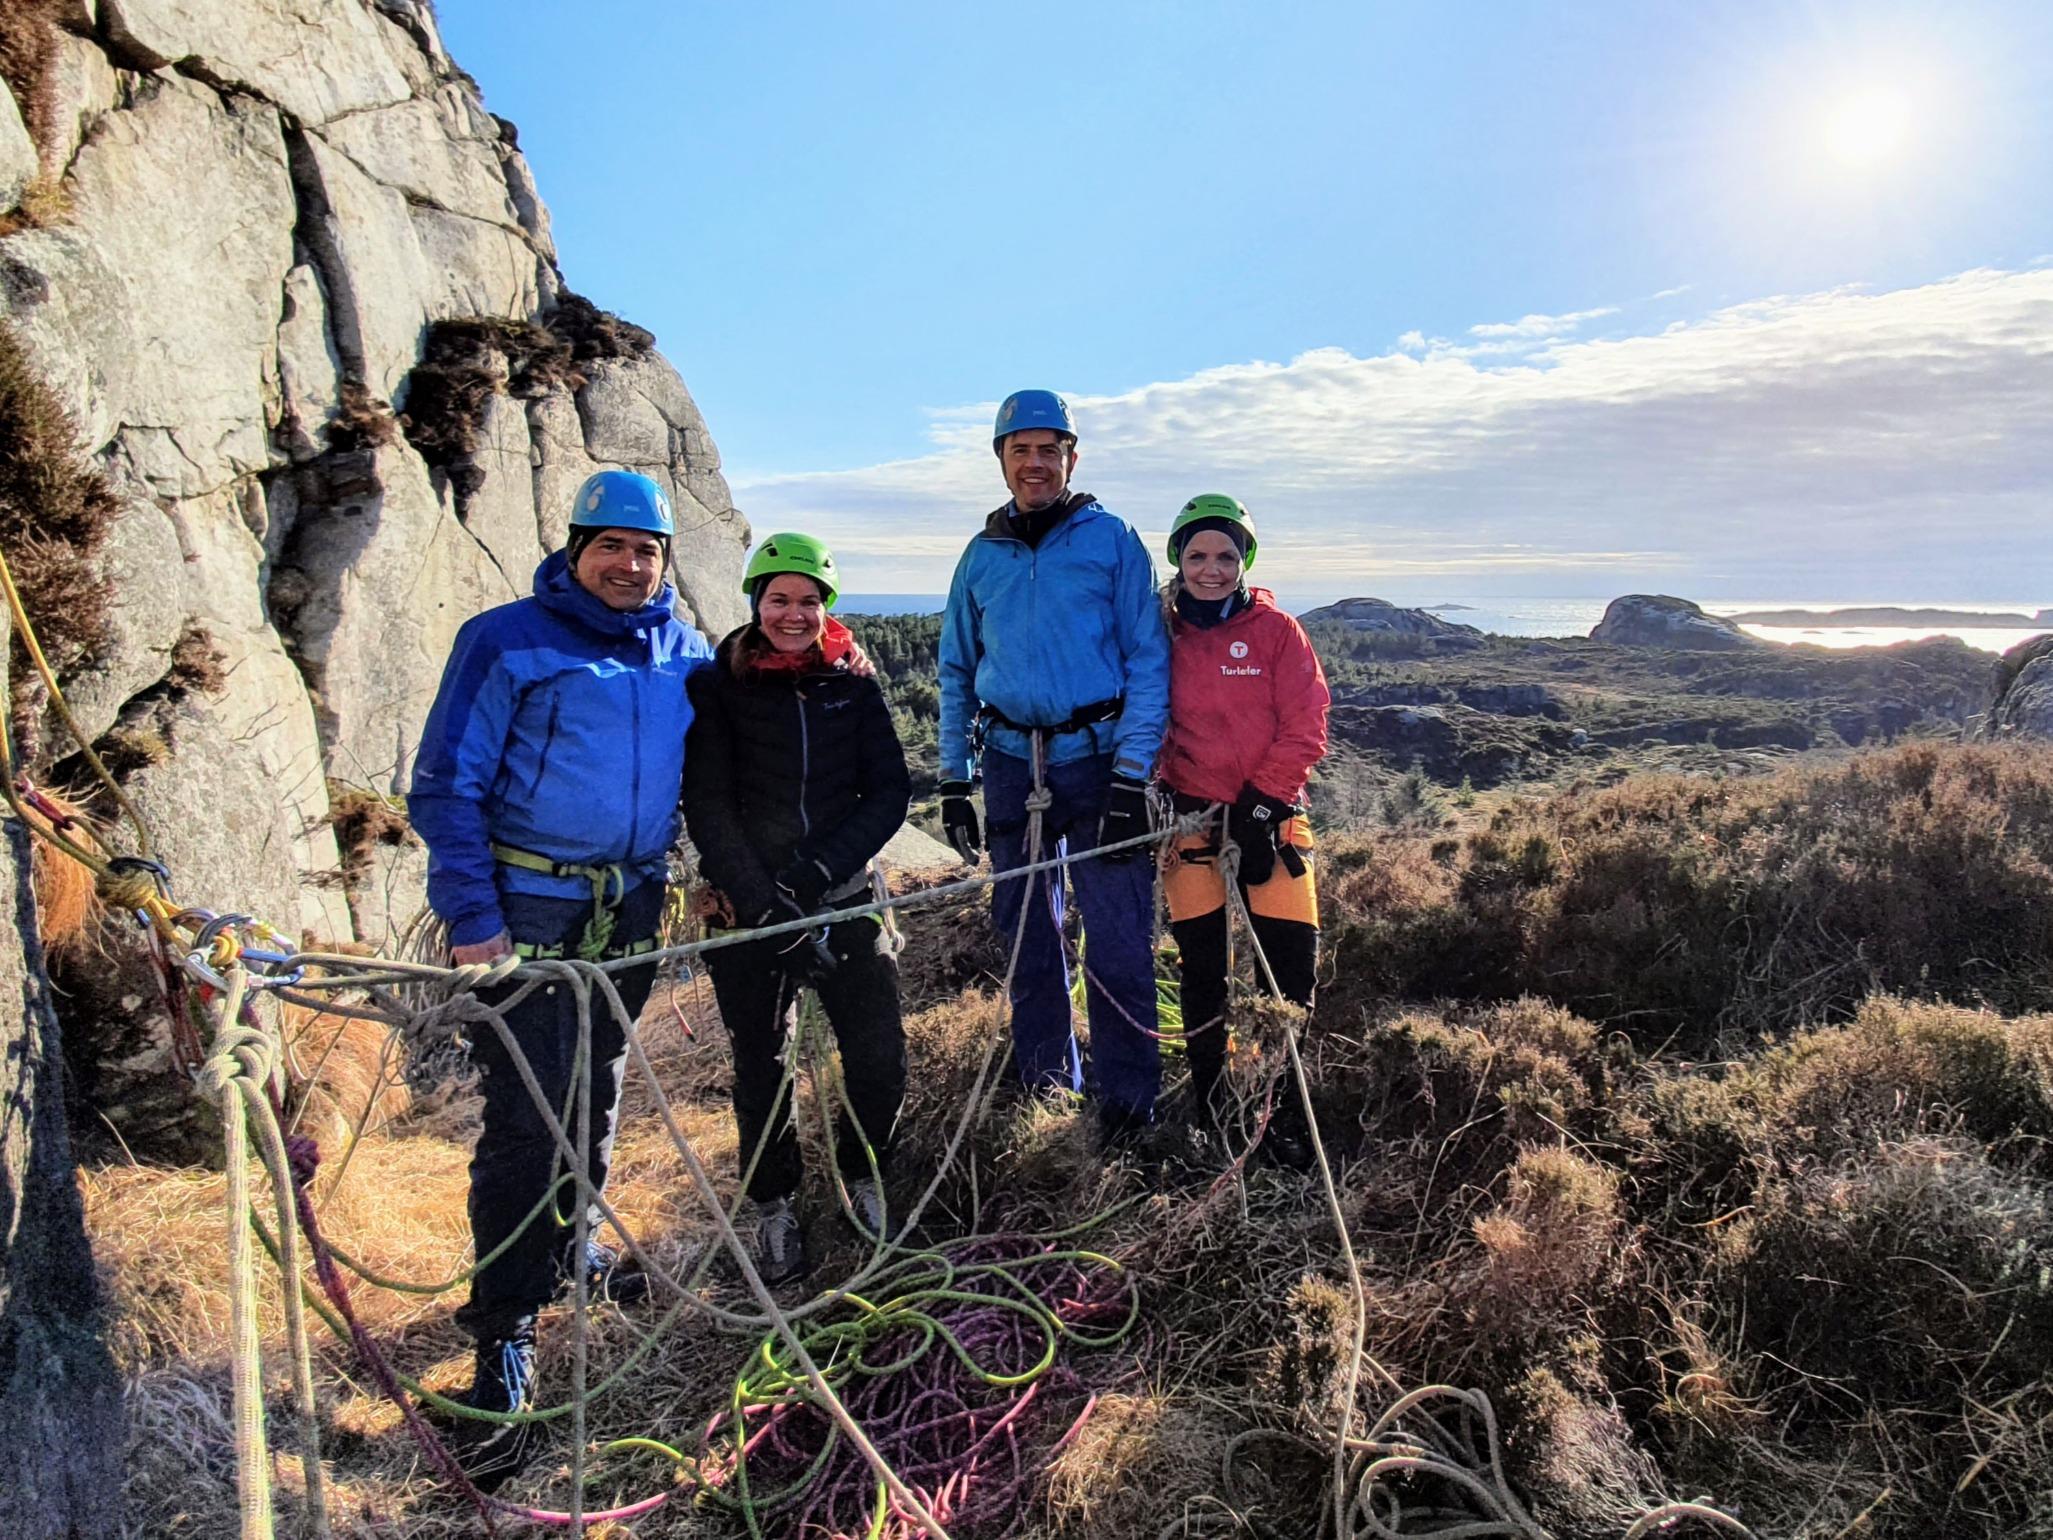 Kurs i klatring og fjellsport